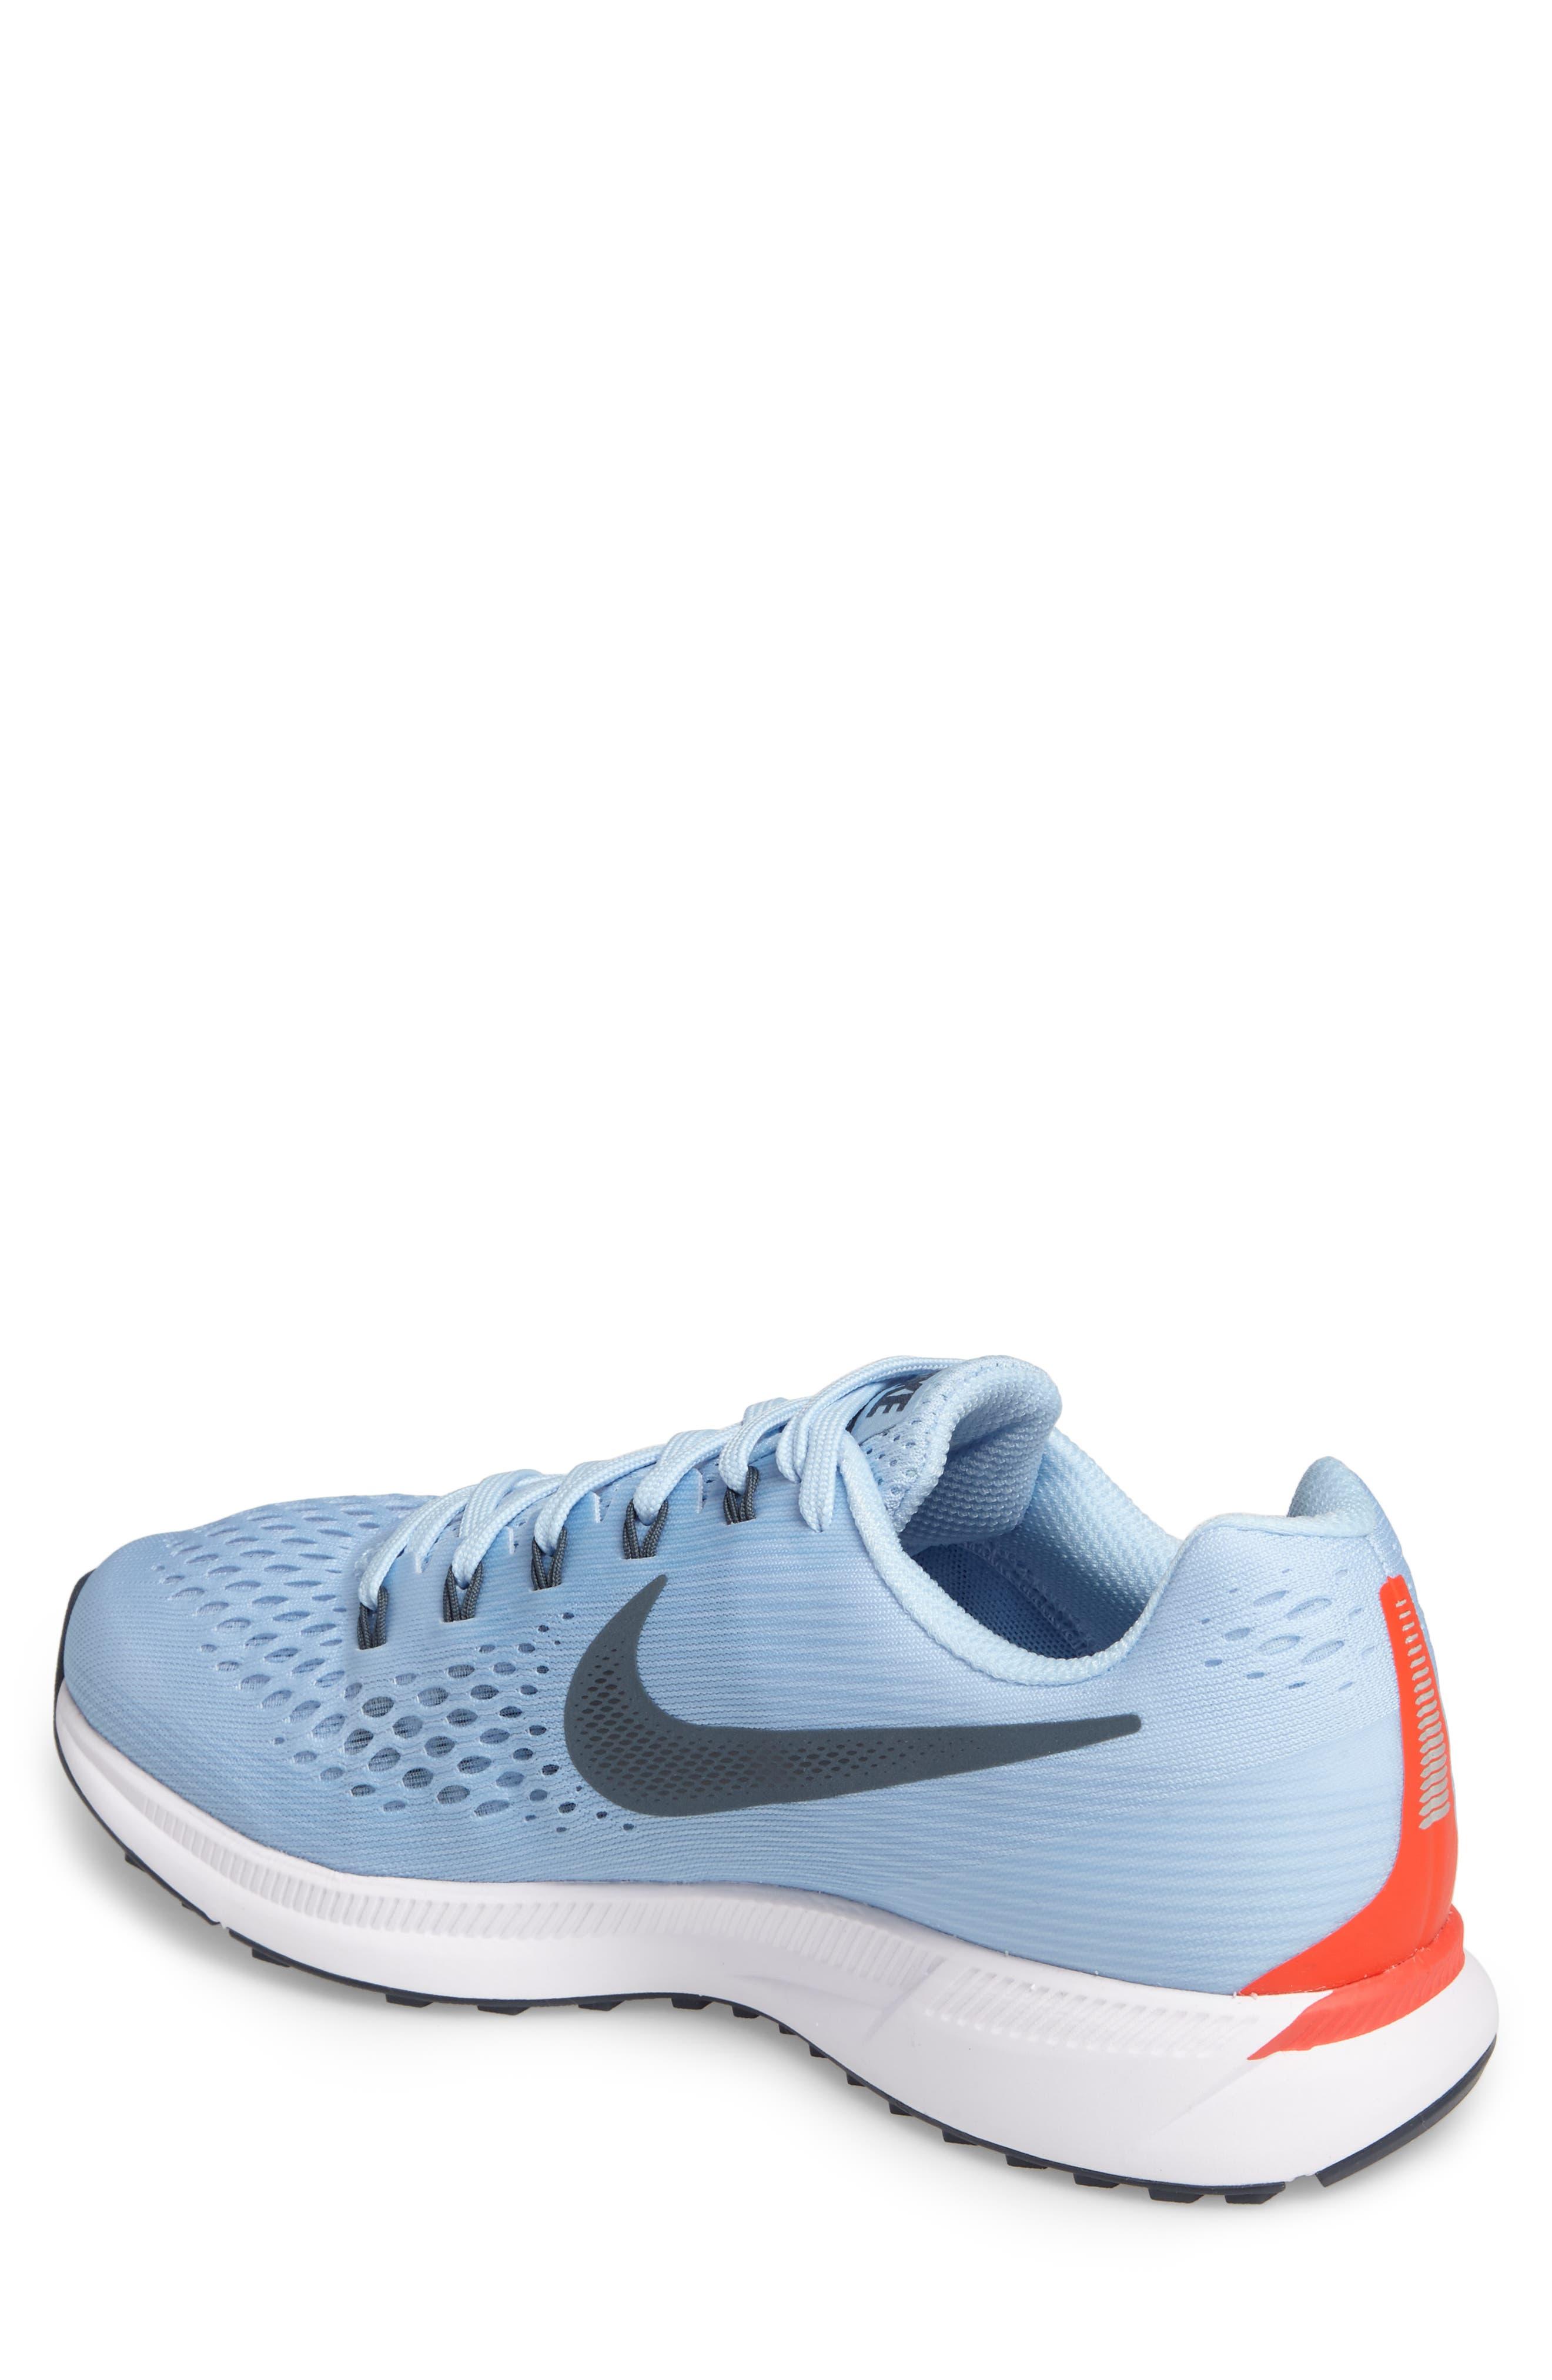 Air Zoom Pegasus 34 Sneaker,                             Alternate thumbnail 14, color,